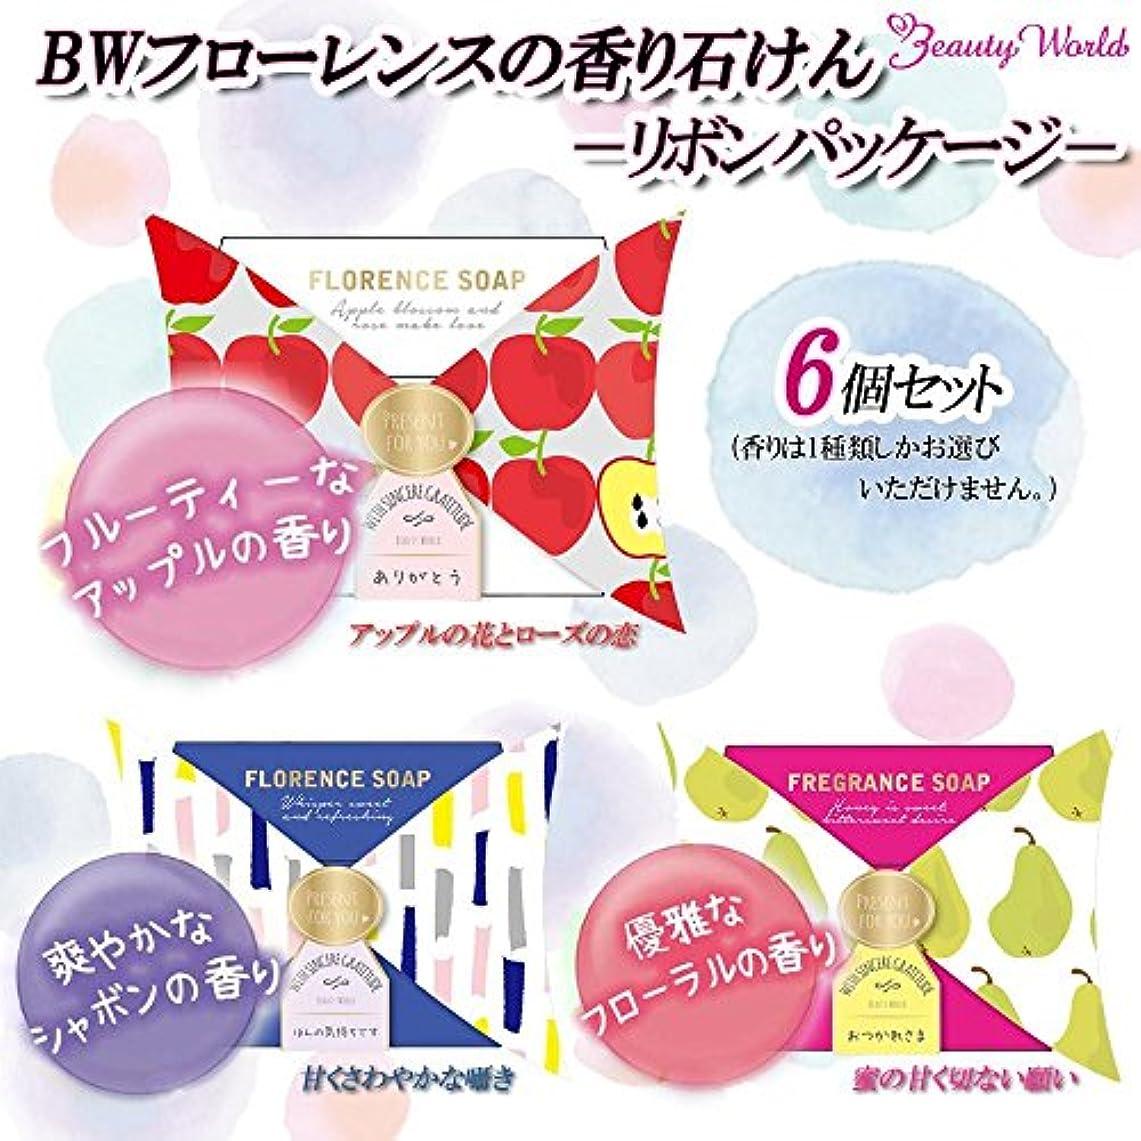 ビューティーワールド BWフローレンスの香り石けん リボンパッケージ 6個セット ■3種類の内「FSP386?蜜の甘く切ない願い」を1点のみです